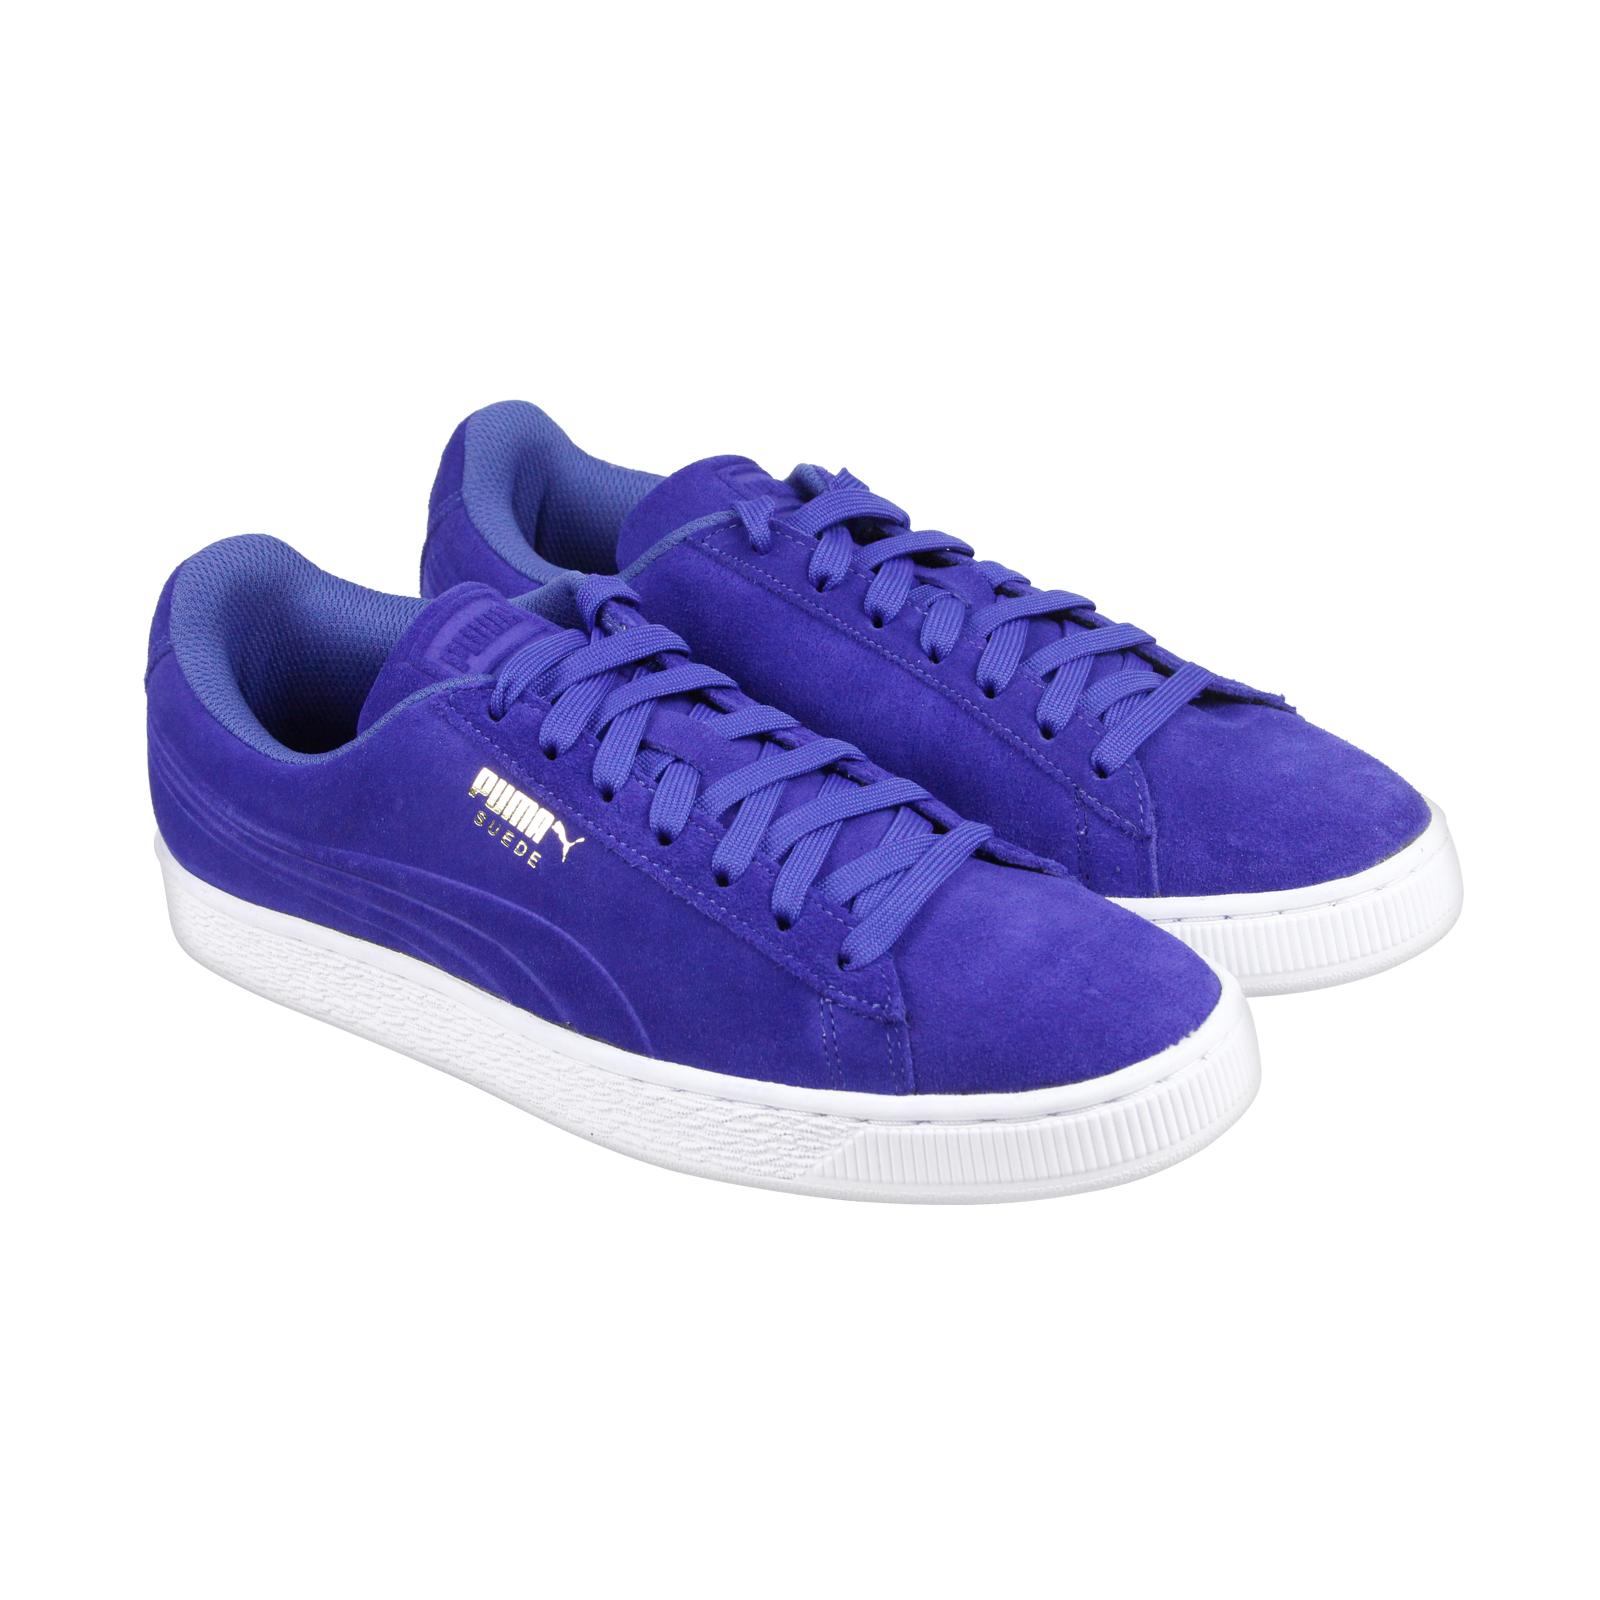 Puma Suede troquelado Q3 Hombre Azul Suede Puma Lace Up zapatos de descuento zapatillas de marca 716ede